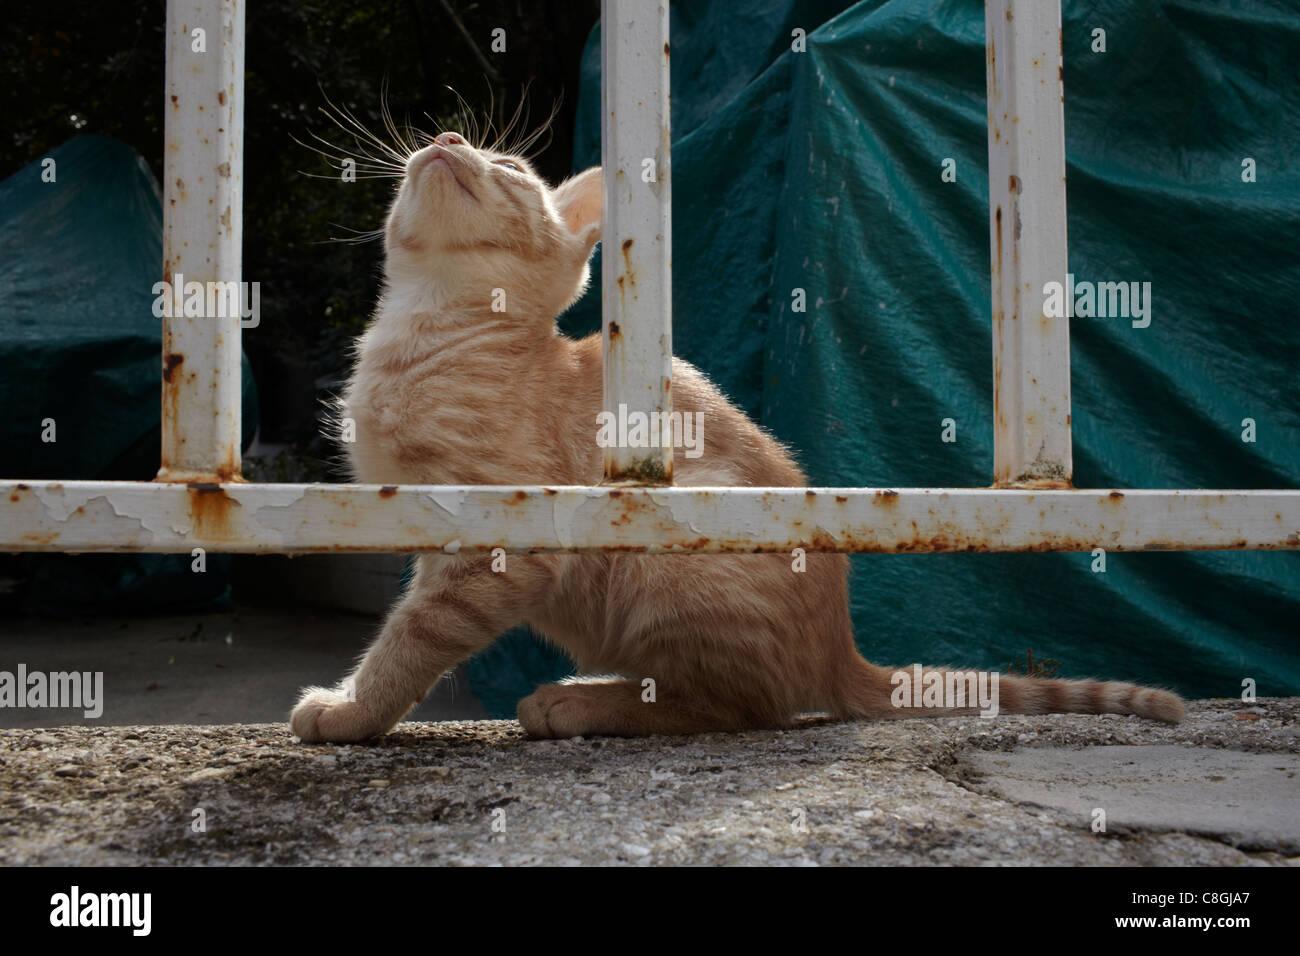 Stray ginger kitten behind bars Stock Photo